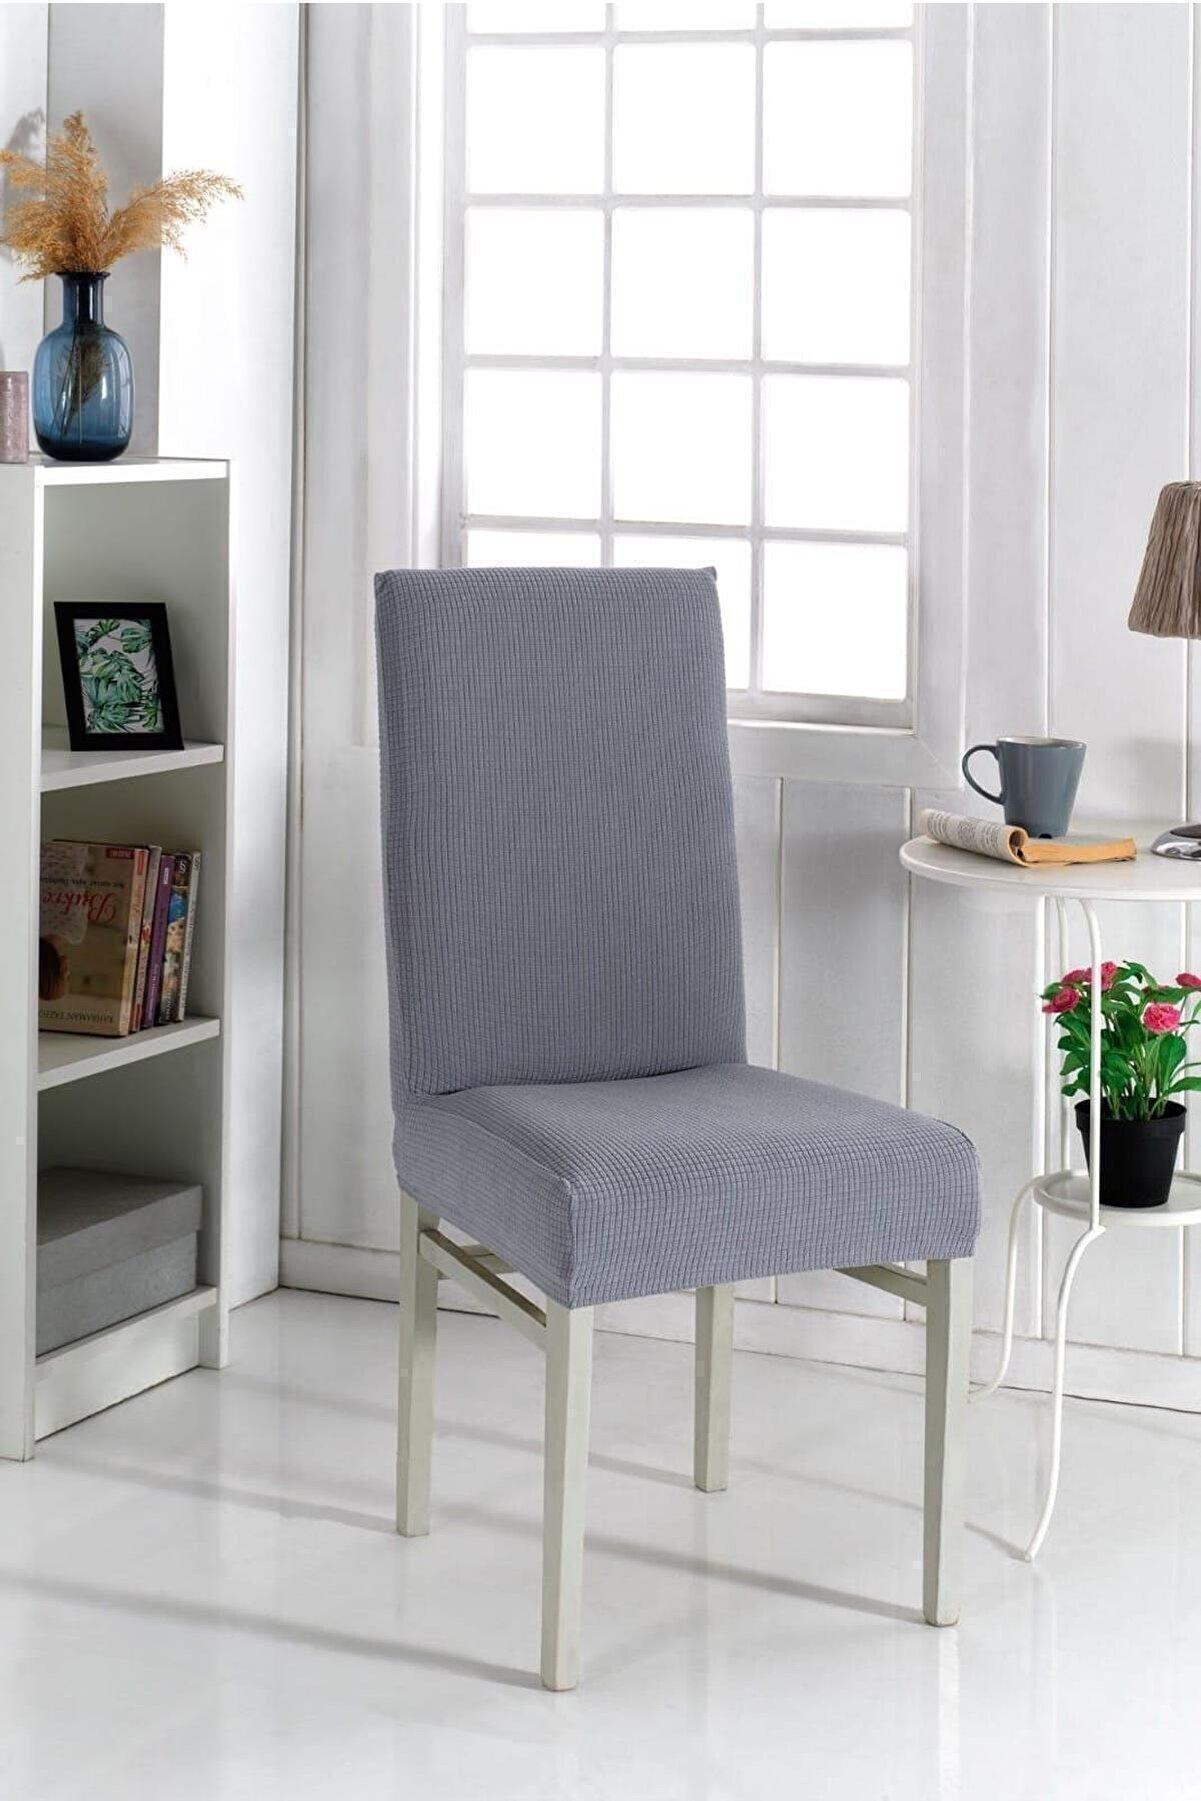 KARAHANLI Sandalye Kılıfı Likralı Yıkanabilir Lastikli Sandalye Örtü Koyu Gri Renk